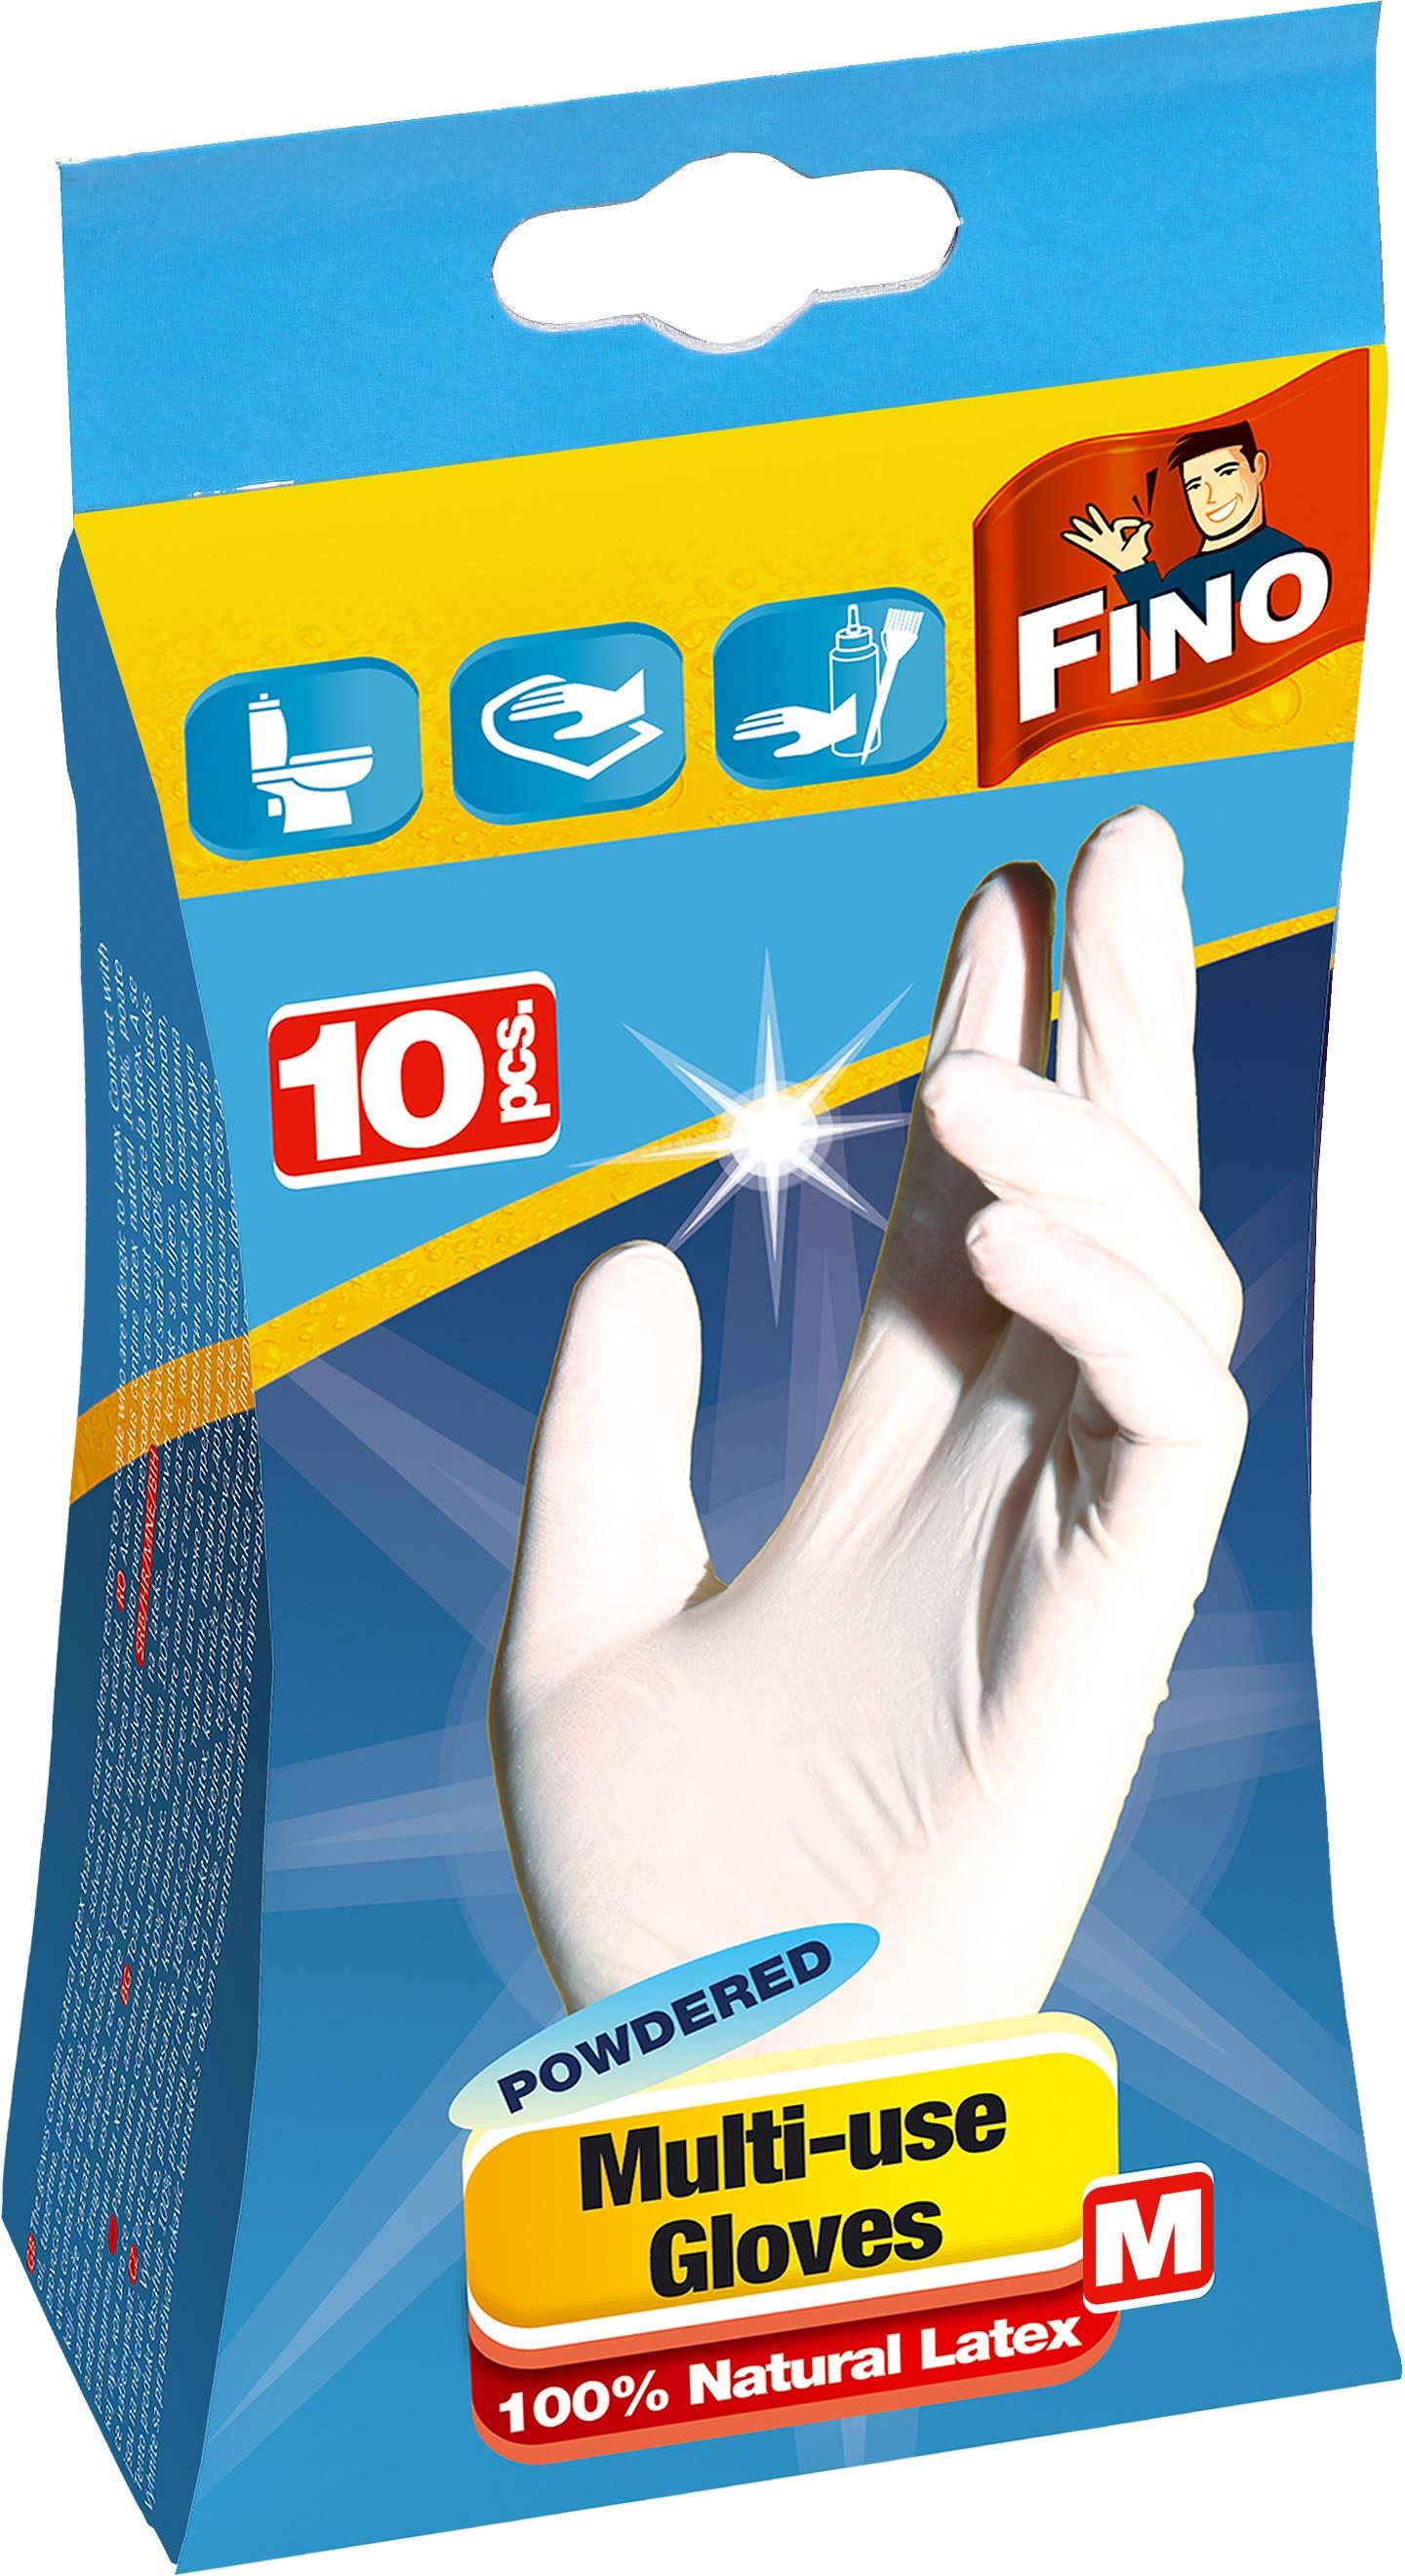 Fino jednorázové rukavice M 10 ks c4d1bd1bab